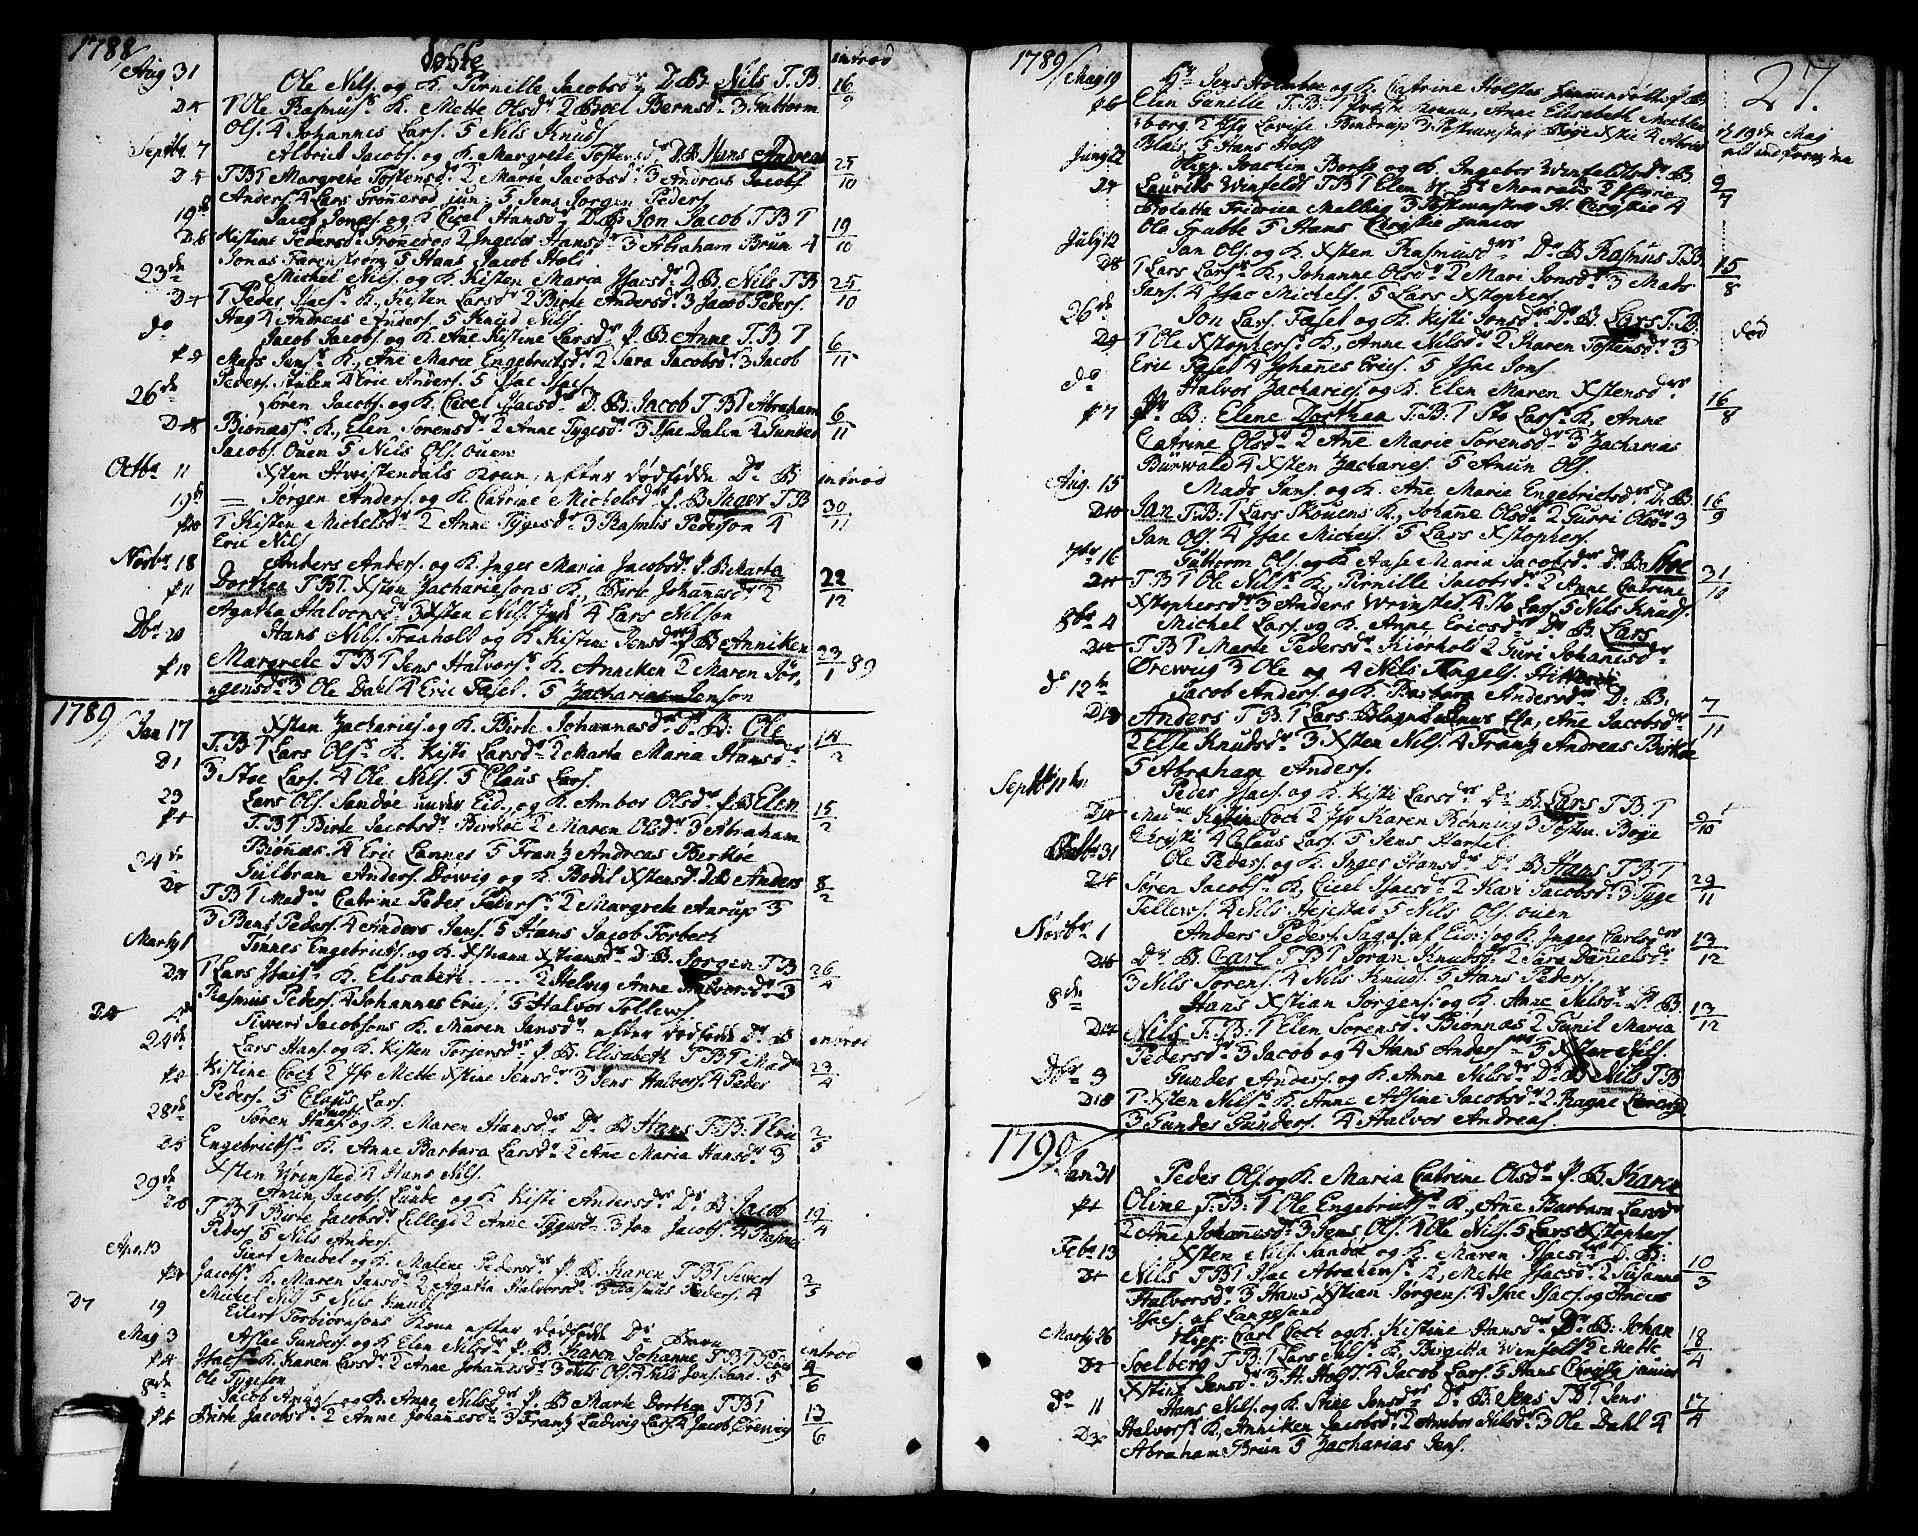 SAKO, Brevik kirkebøker, F/Fa/L0003: Ministerialbok nr. 3, 1764-1814, s. 27